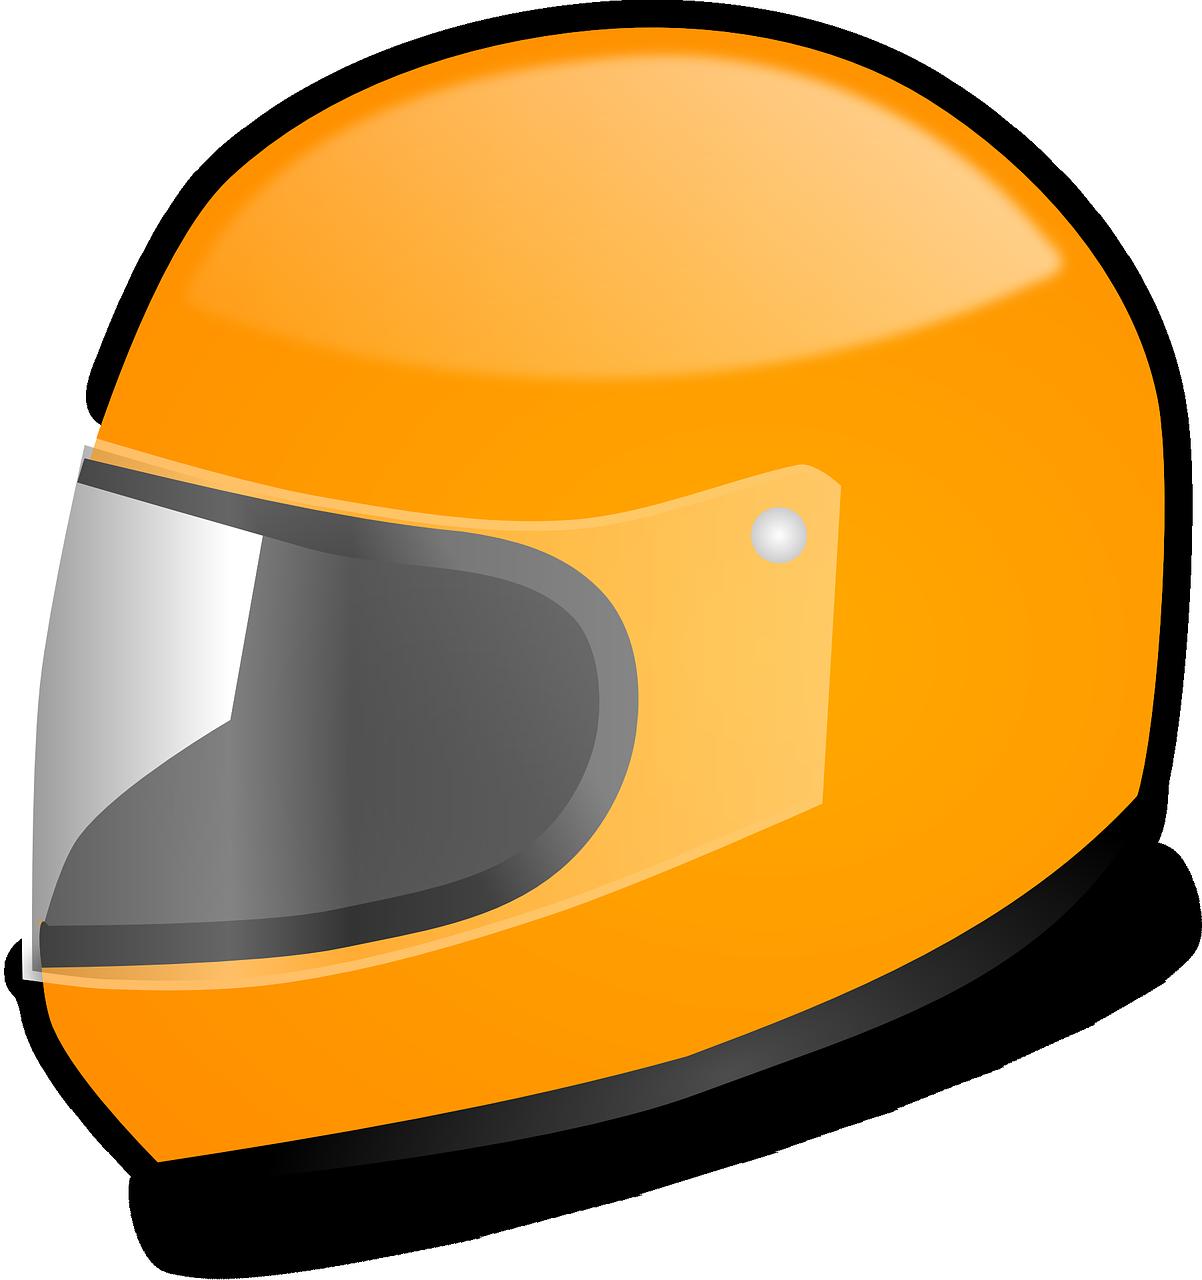 Les meilleures marques de casque de moto